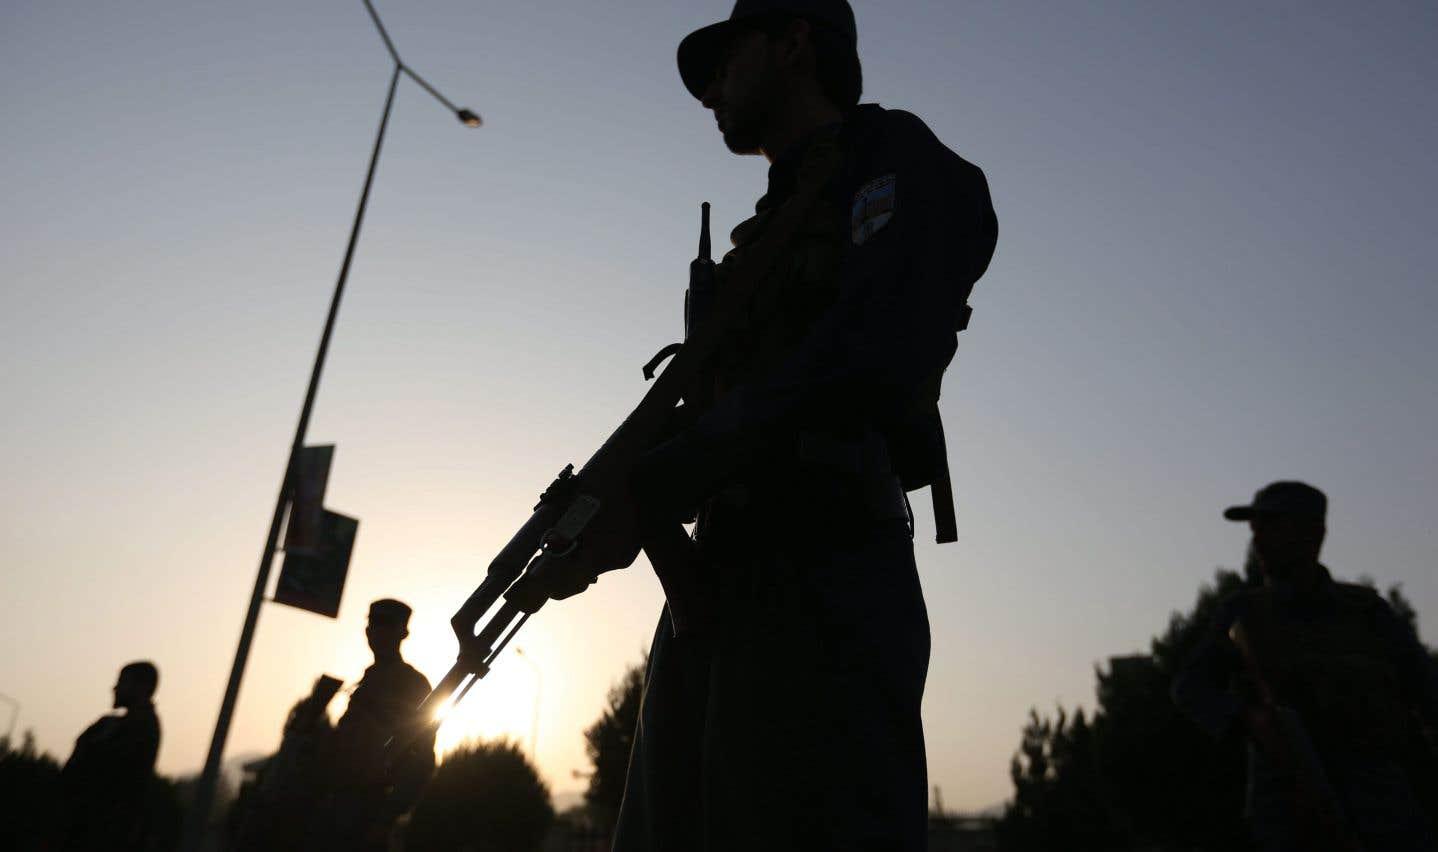 Douze unités des forces de sécurité afghanes soupçonnées d'être impliquées dans des violations des droits de la personne en 2013 ont continué de recevoir des financements américains grâce à une «clause dérogatoire».